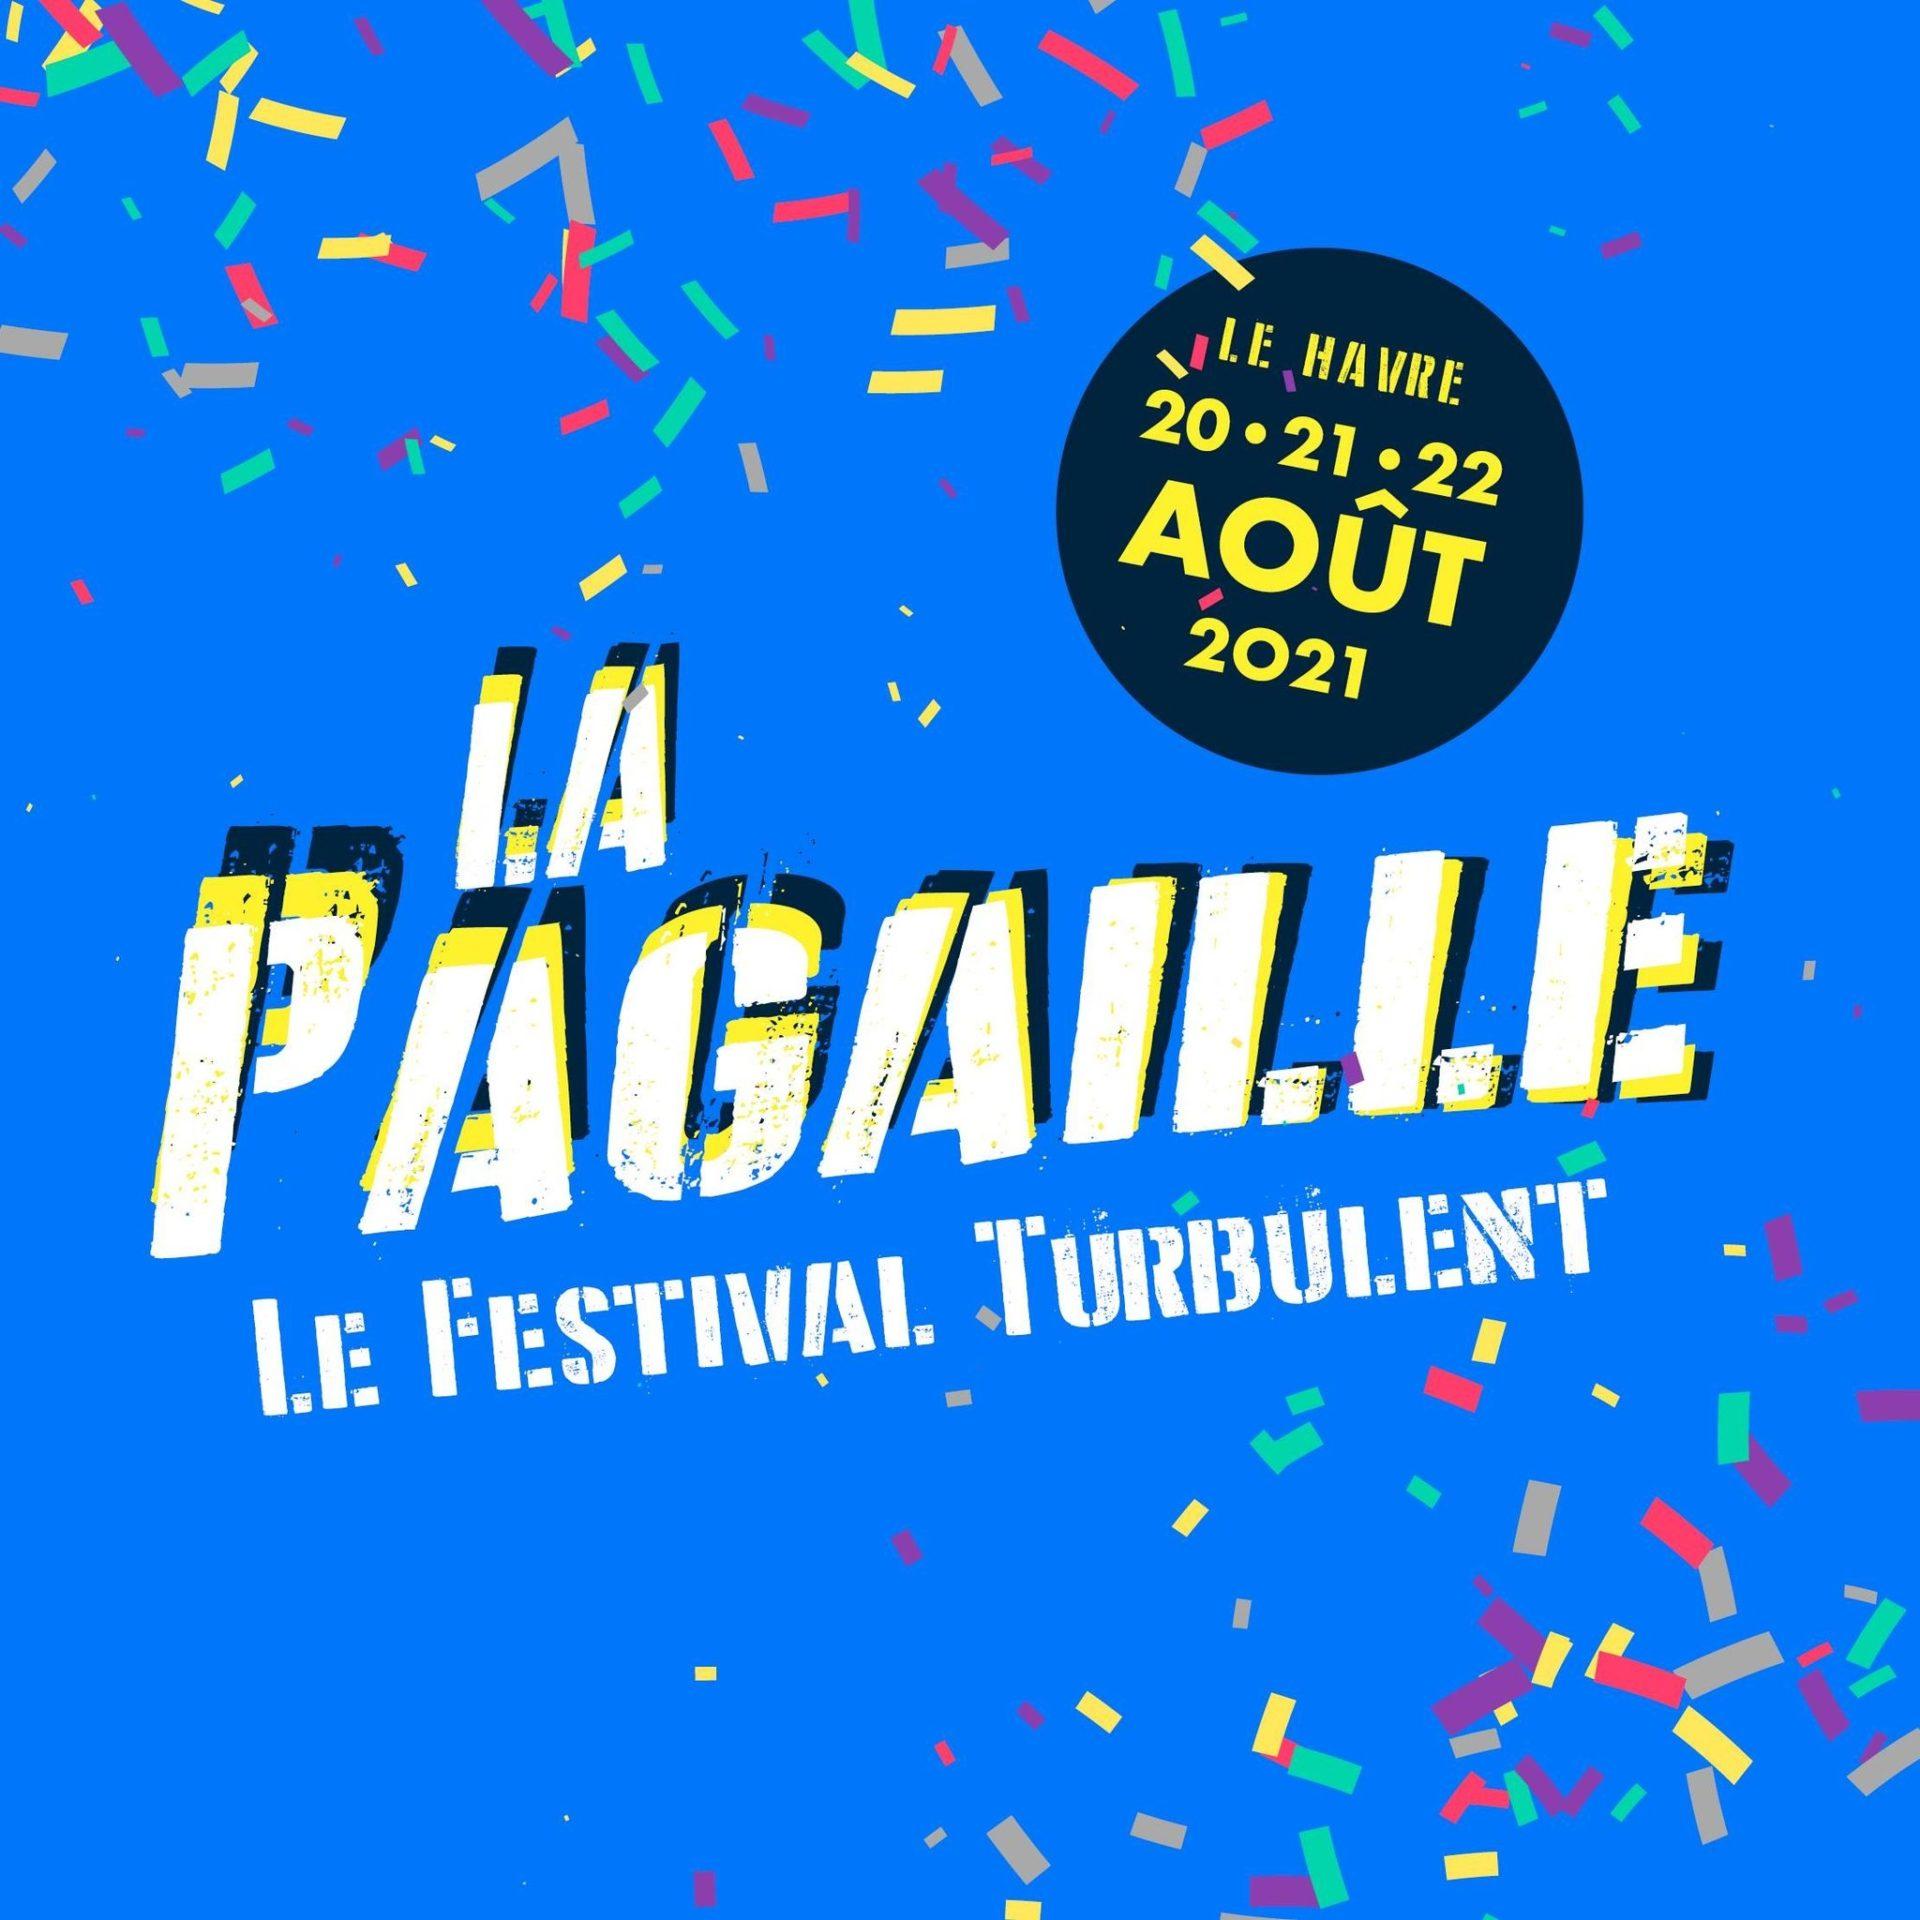 Festival La Pagaille le 20, 21 et 22 août ! (Le Havre)